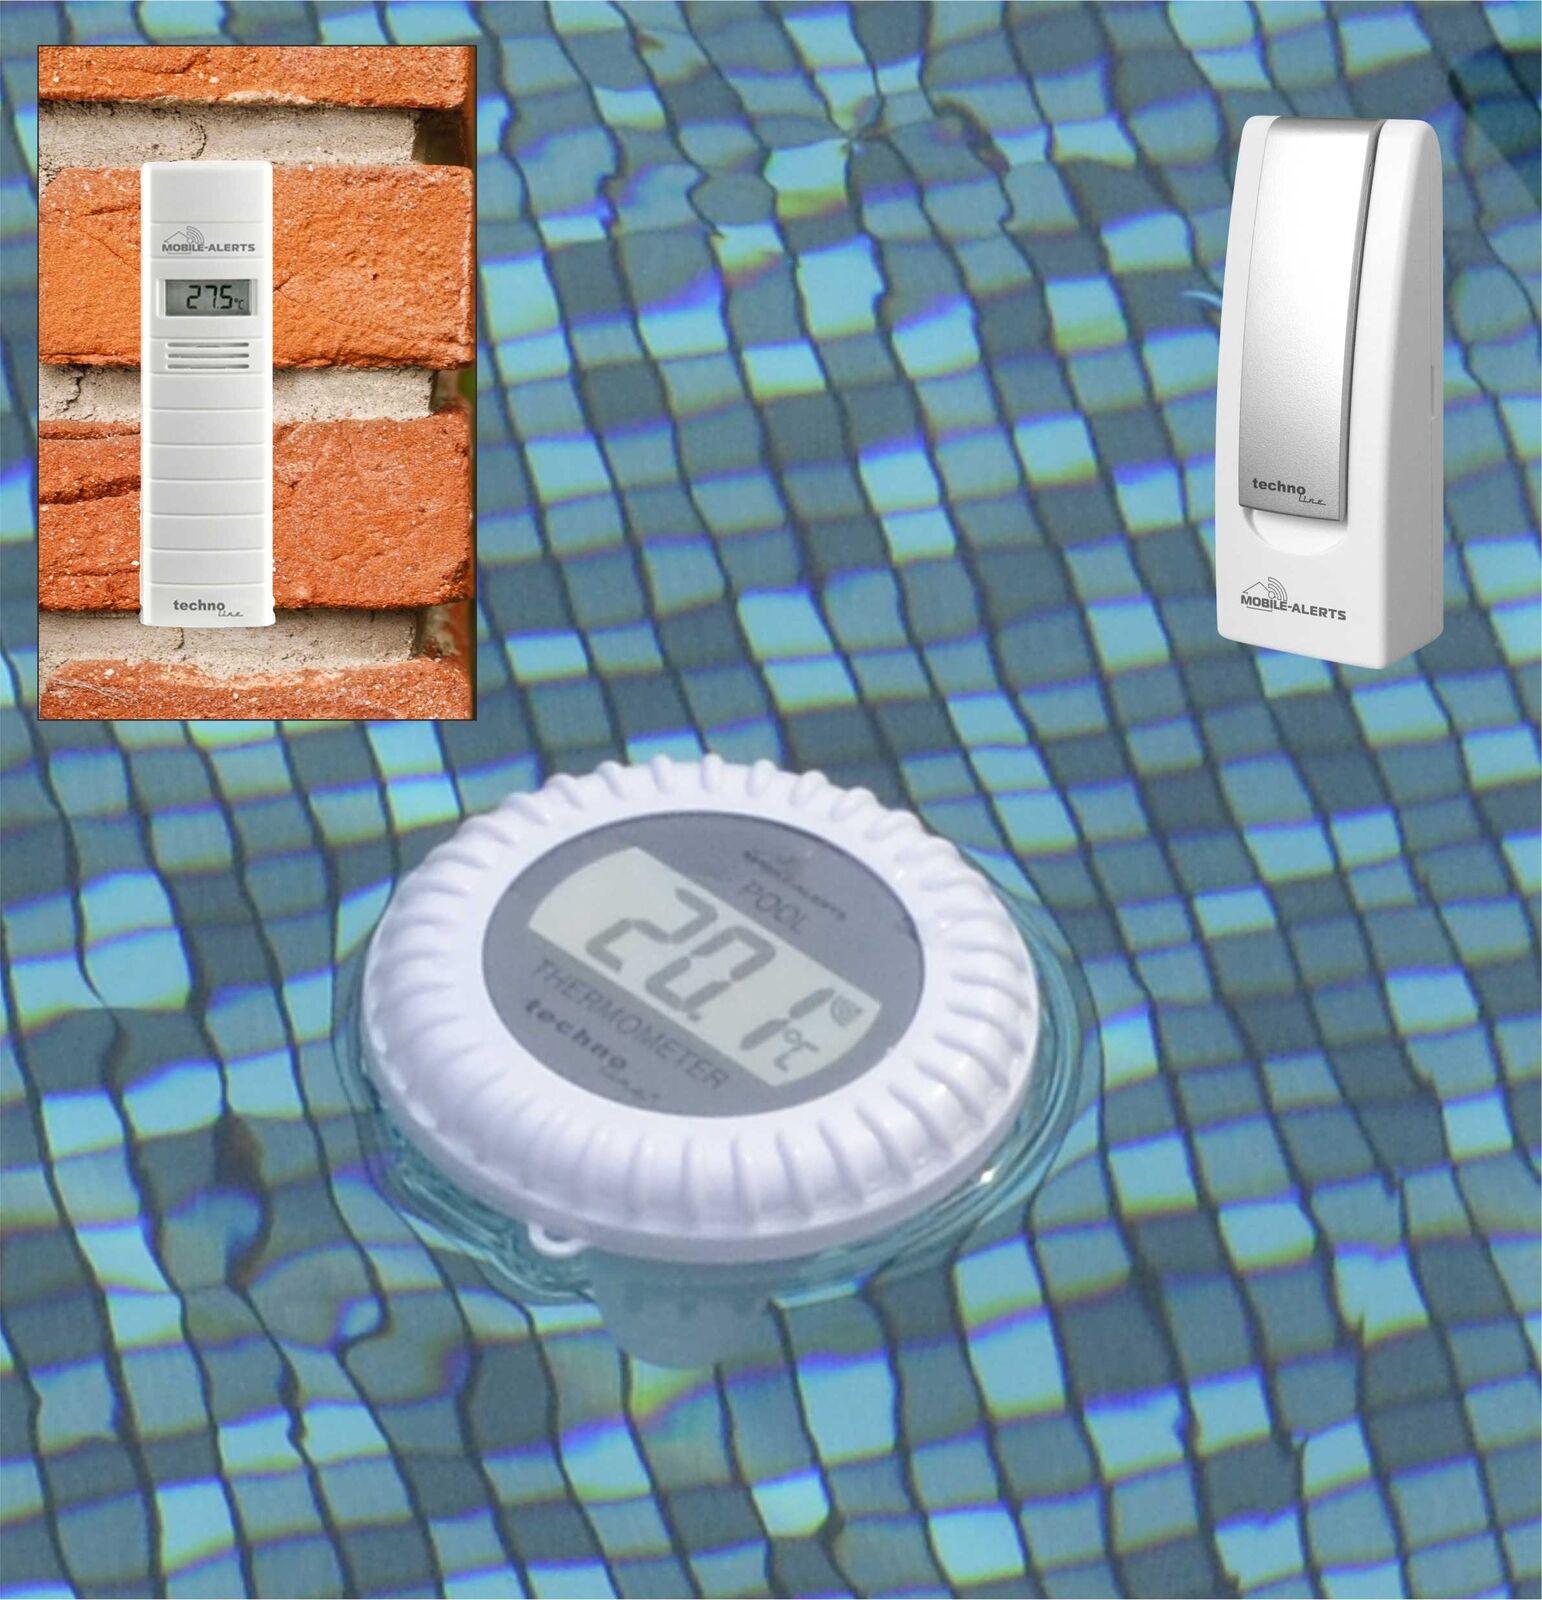 Termometro Piscina ma 10070 mobile alert Gateway pool trasmettitore Thermo HYGRO trasmettitore